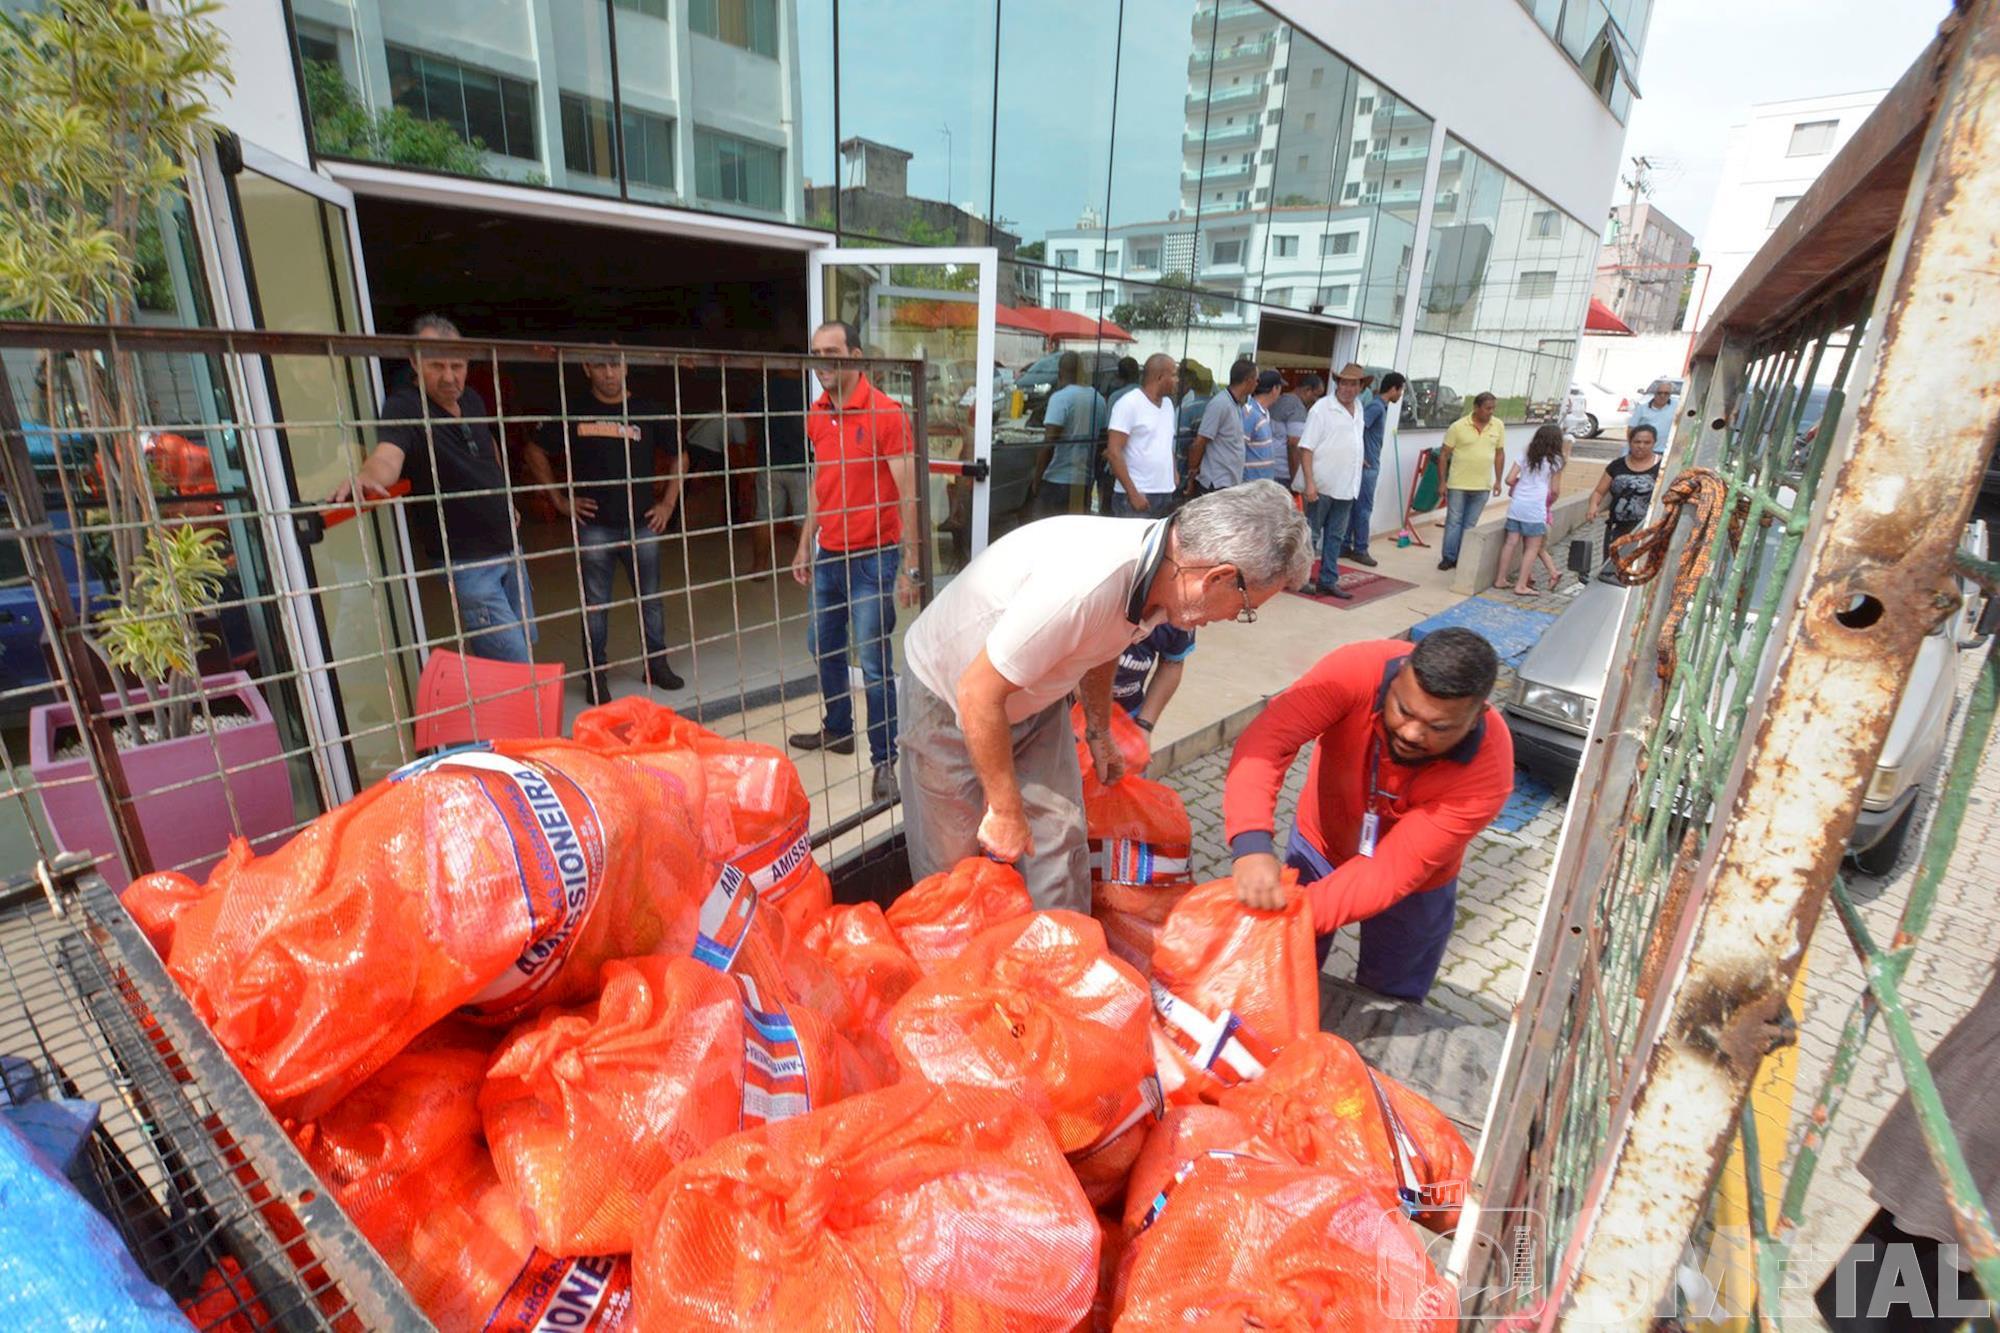 natal,  fome,  alimento, Foguinho/Imprensa SMetal, Natal Sem Fome distribui 15 toneladas de alimentos a famílias carentes